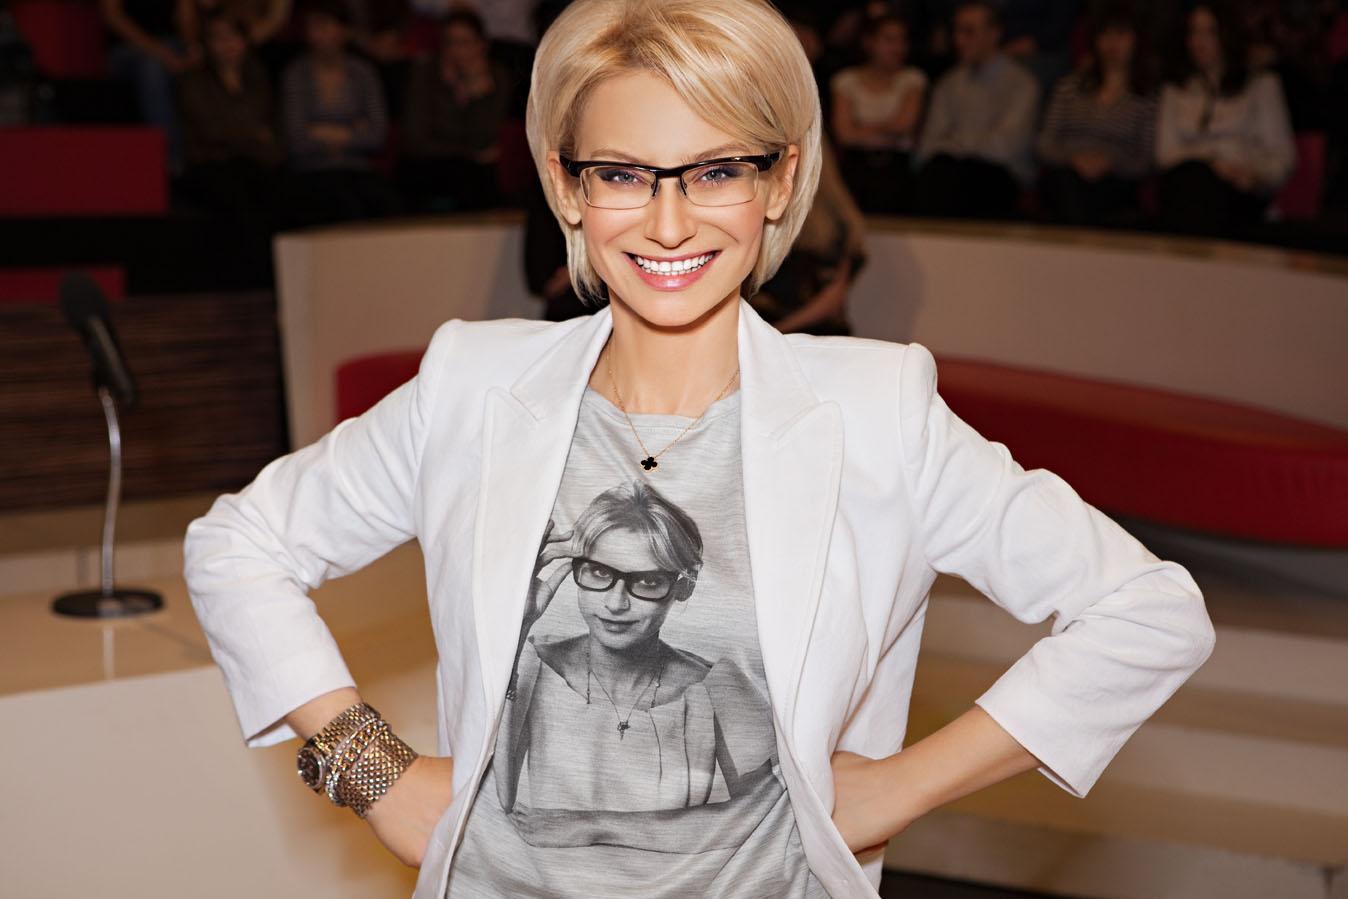 Знакомься: это Эвелина Хромченко